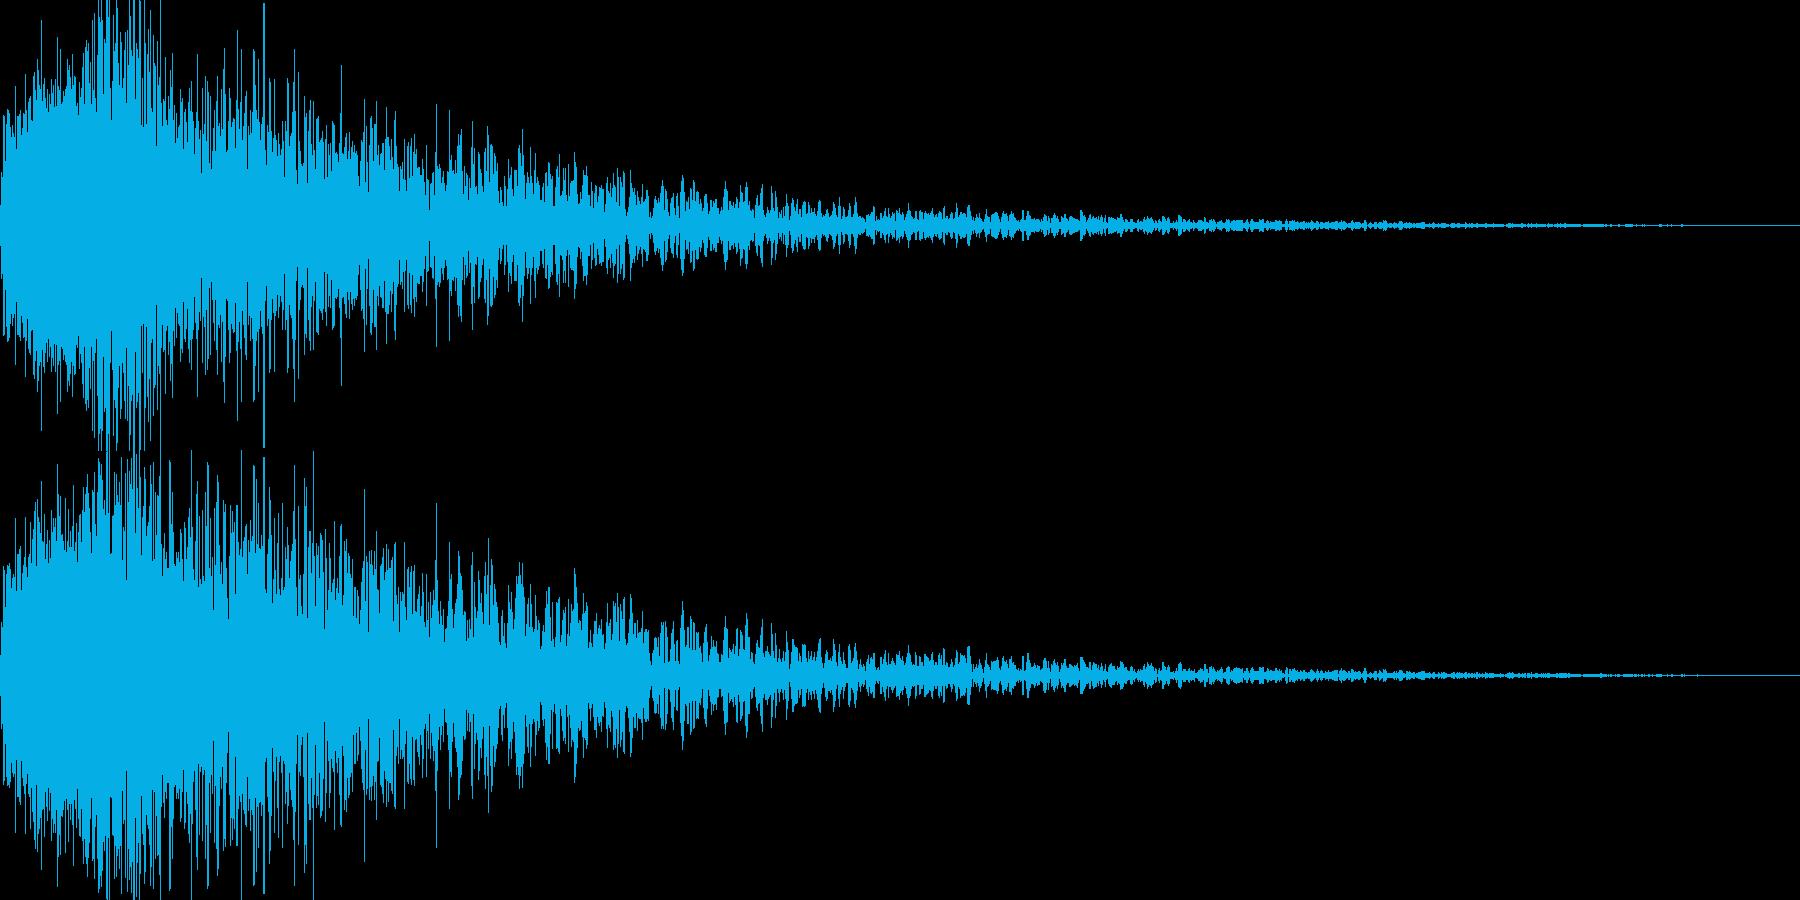 恐怖1(「ギャン…」という怖い音)の再生済みの波形